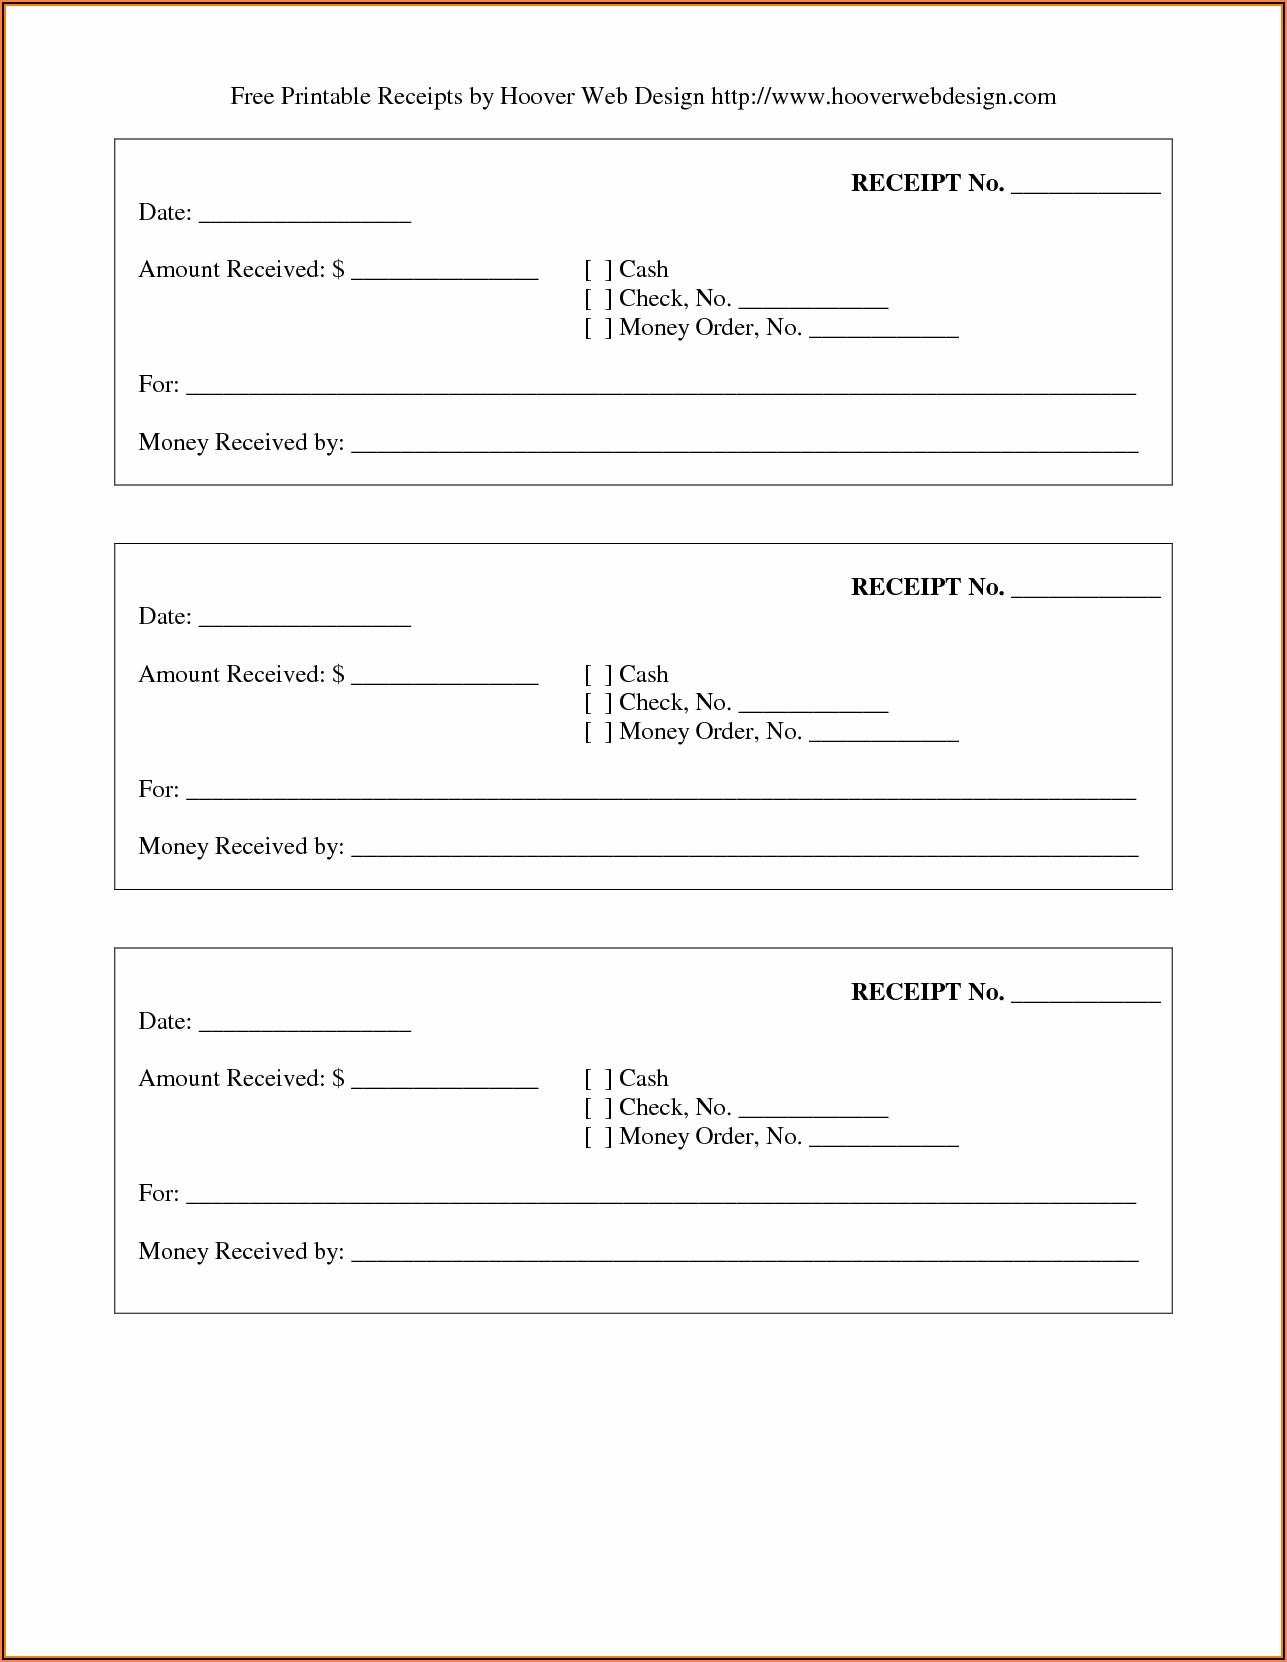 Free Receipt Forms Printable